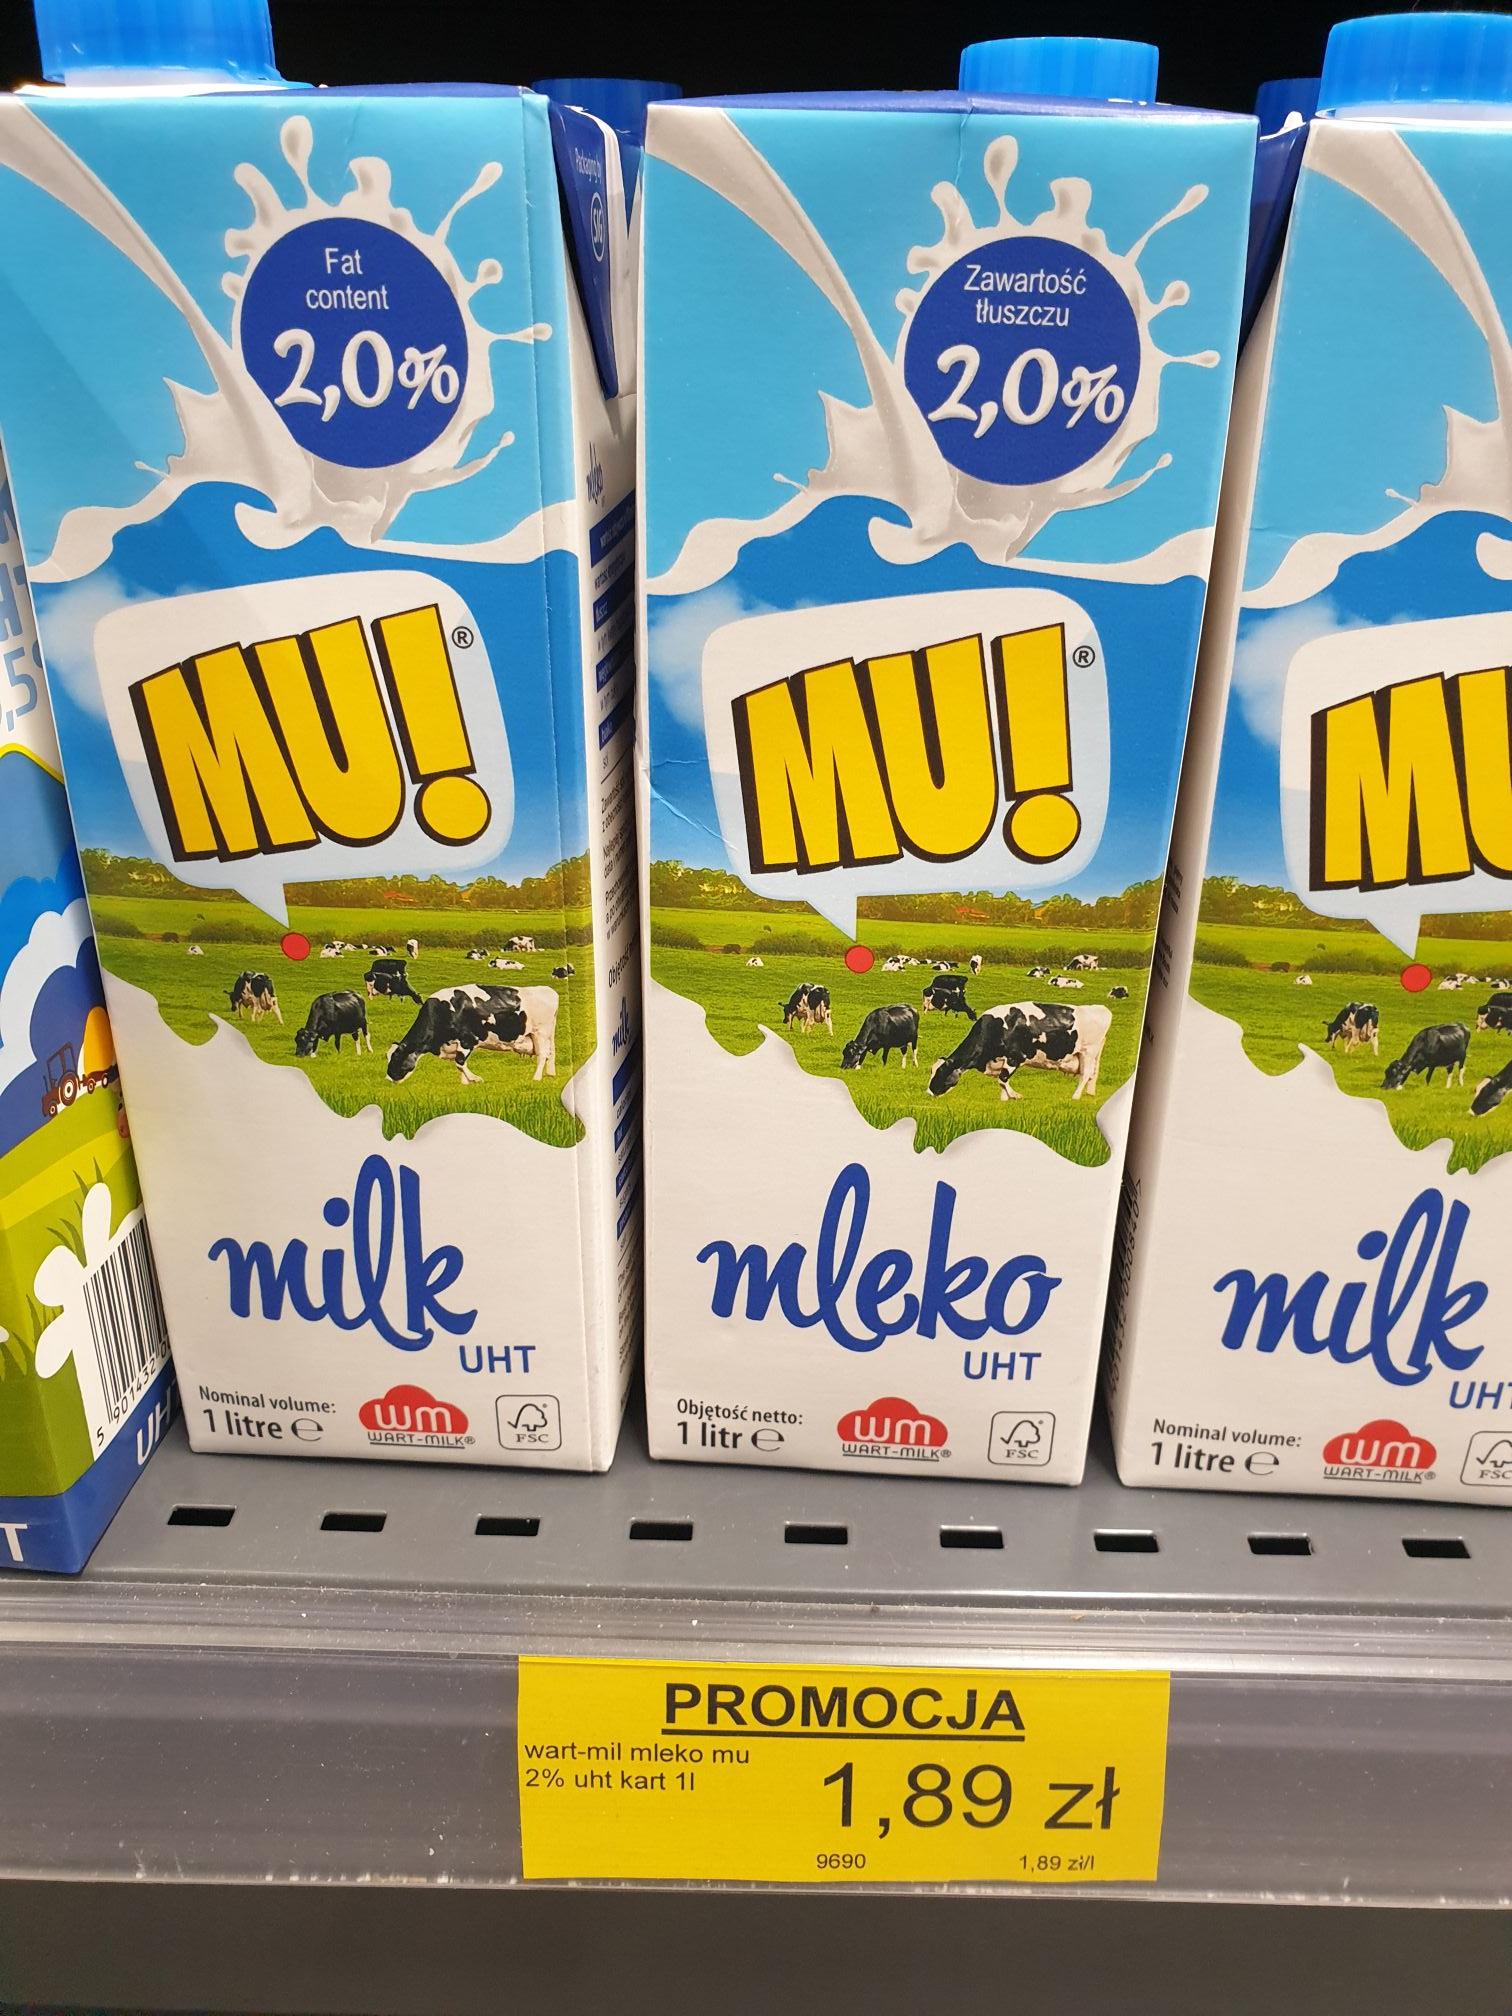 Mleko MU! 2% Lewiatan 1,89zł